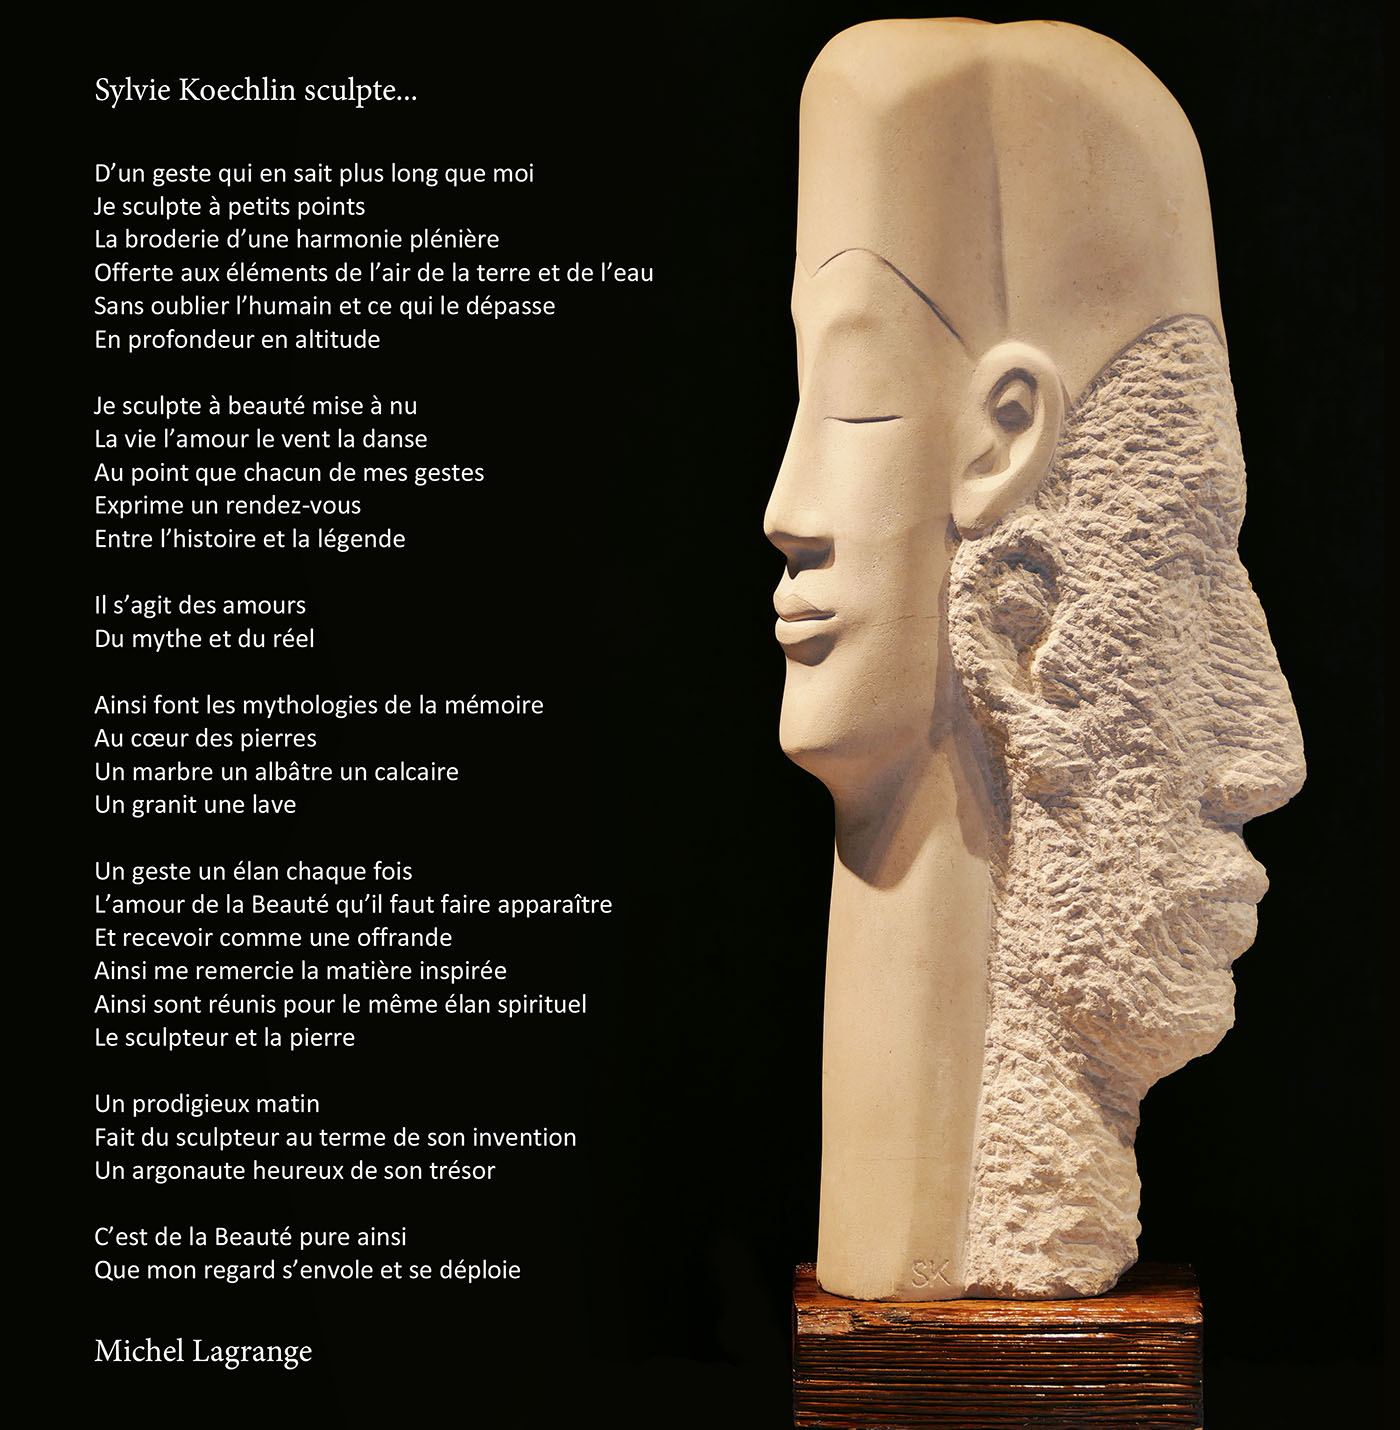 SylvieKoechlin sculpte1400